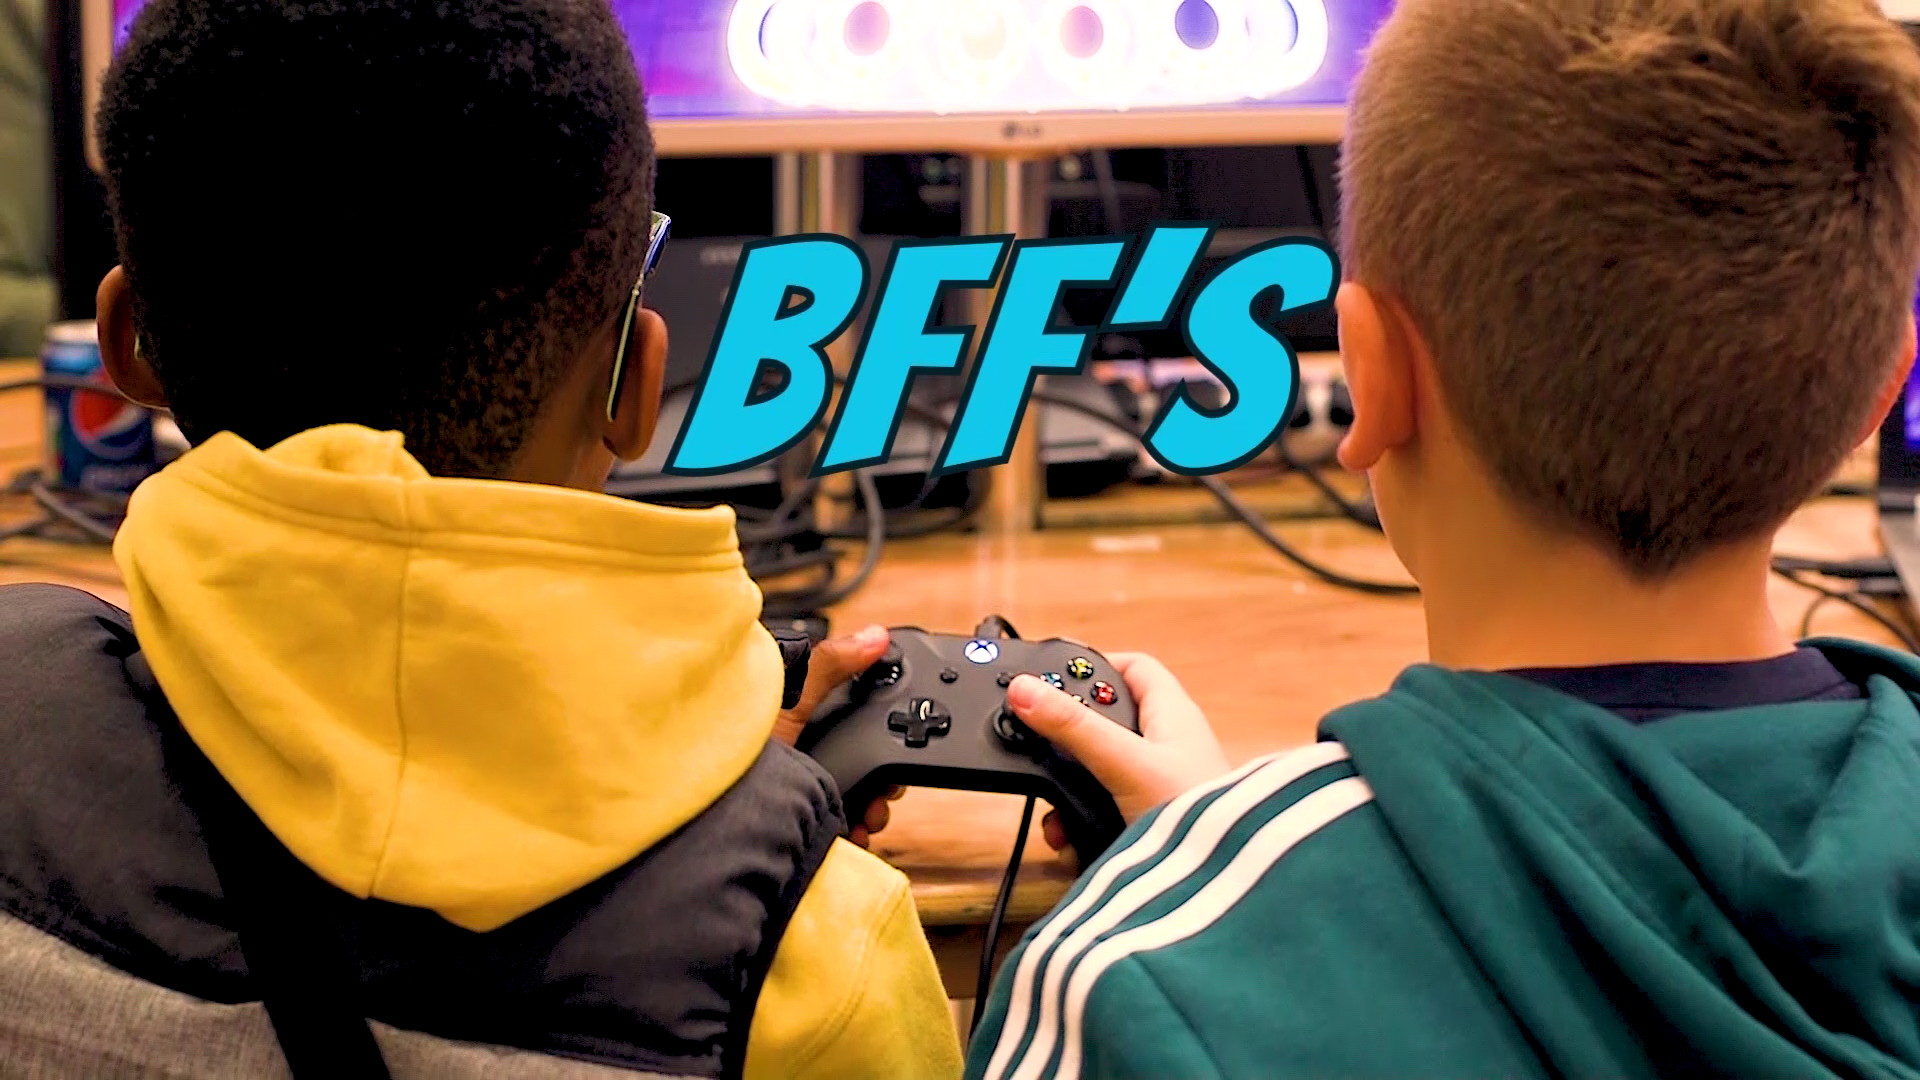 BFF or Die :: Ανακοινώσεις ομάδας